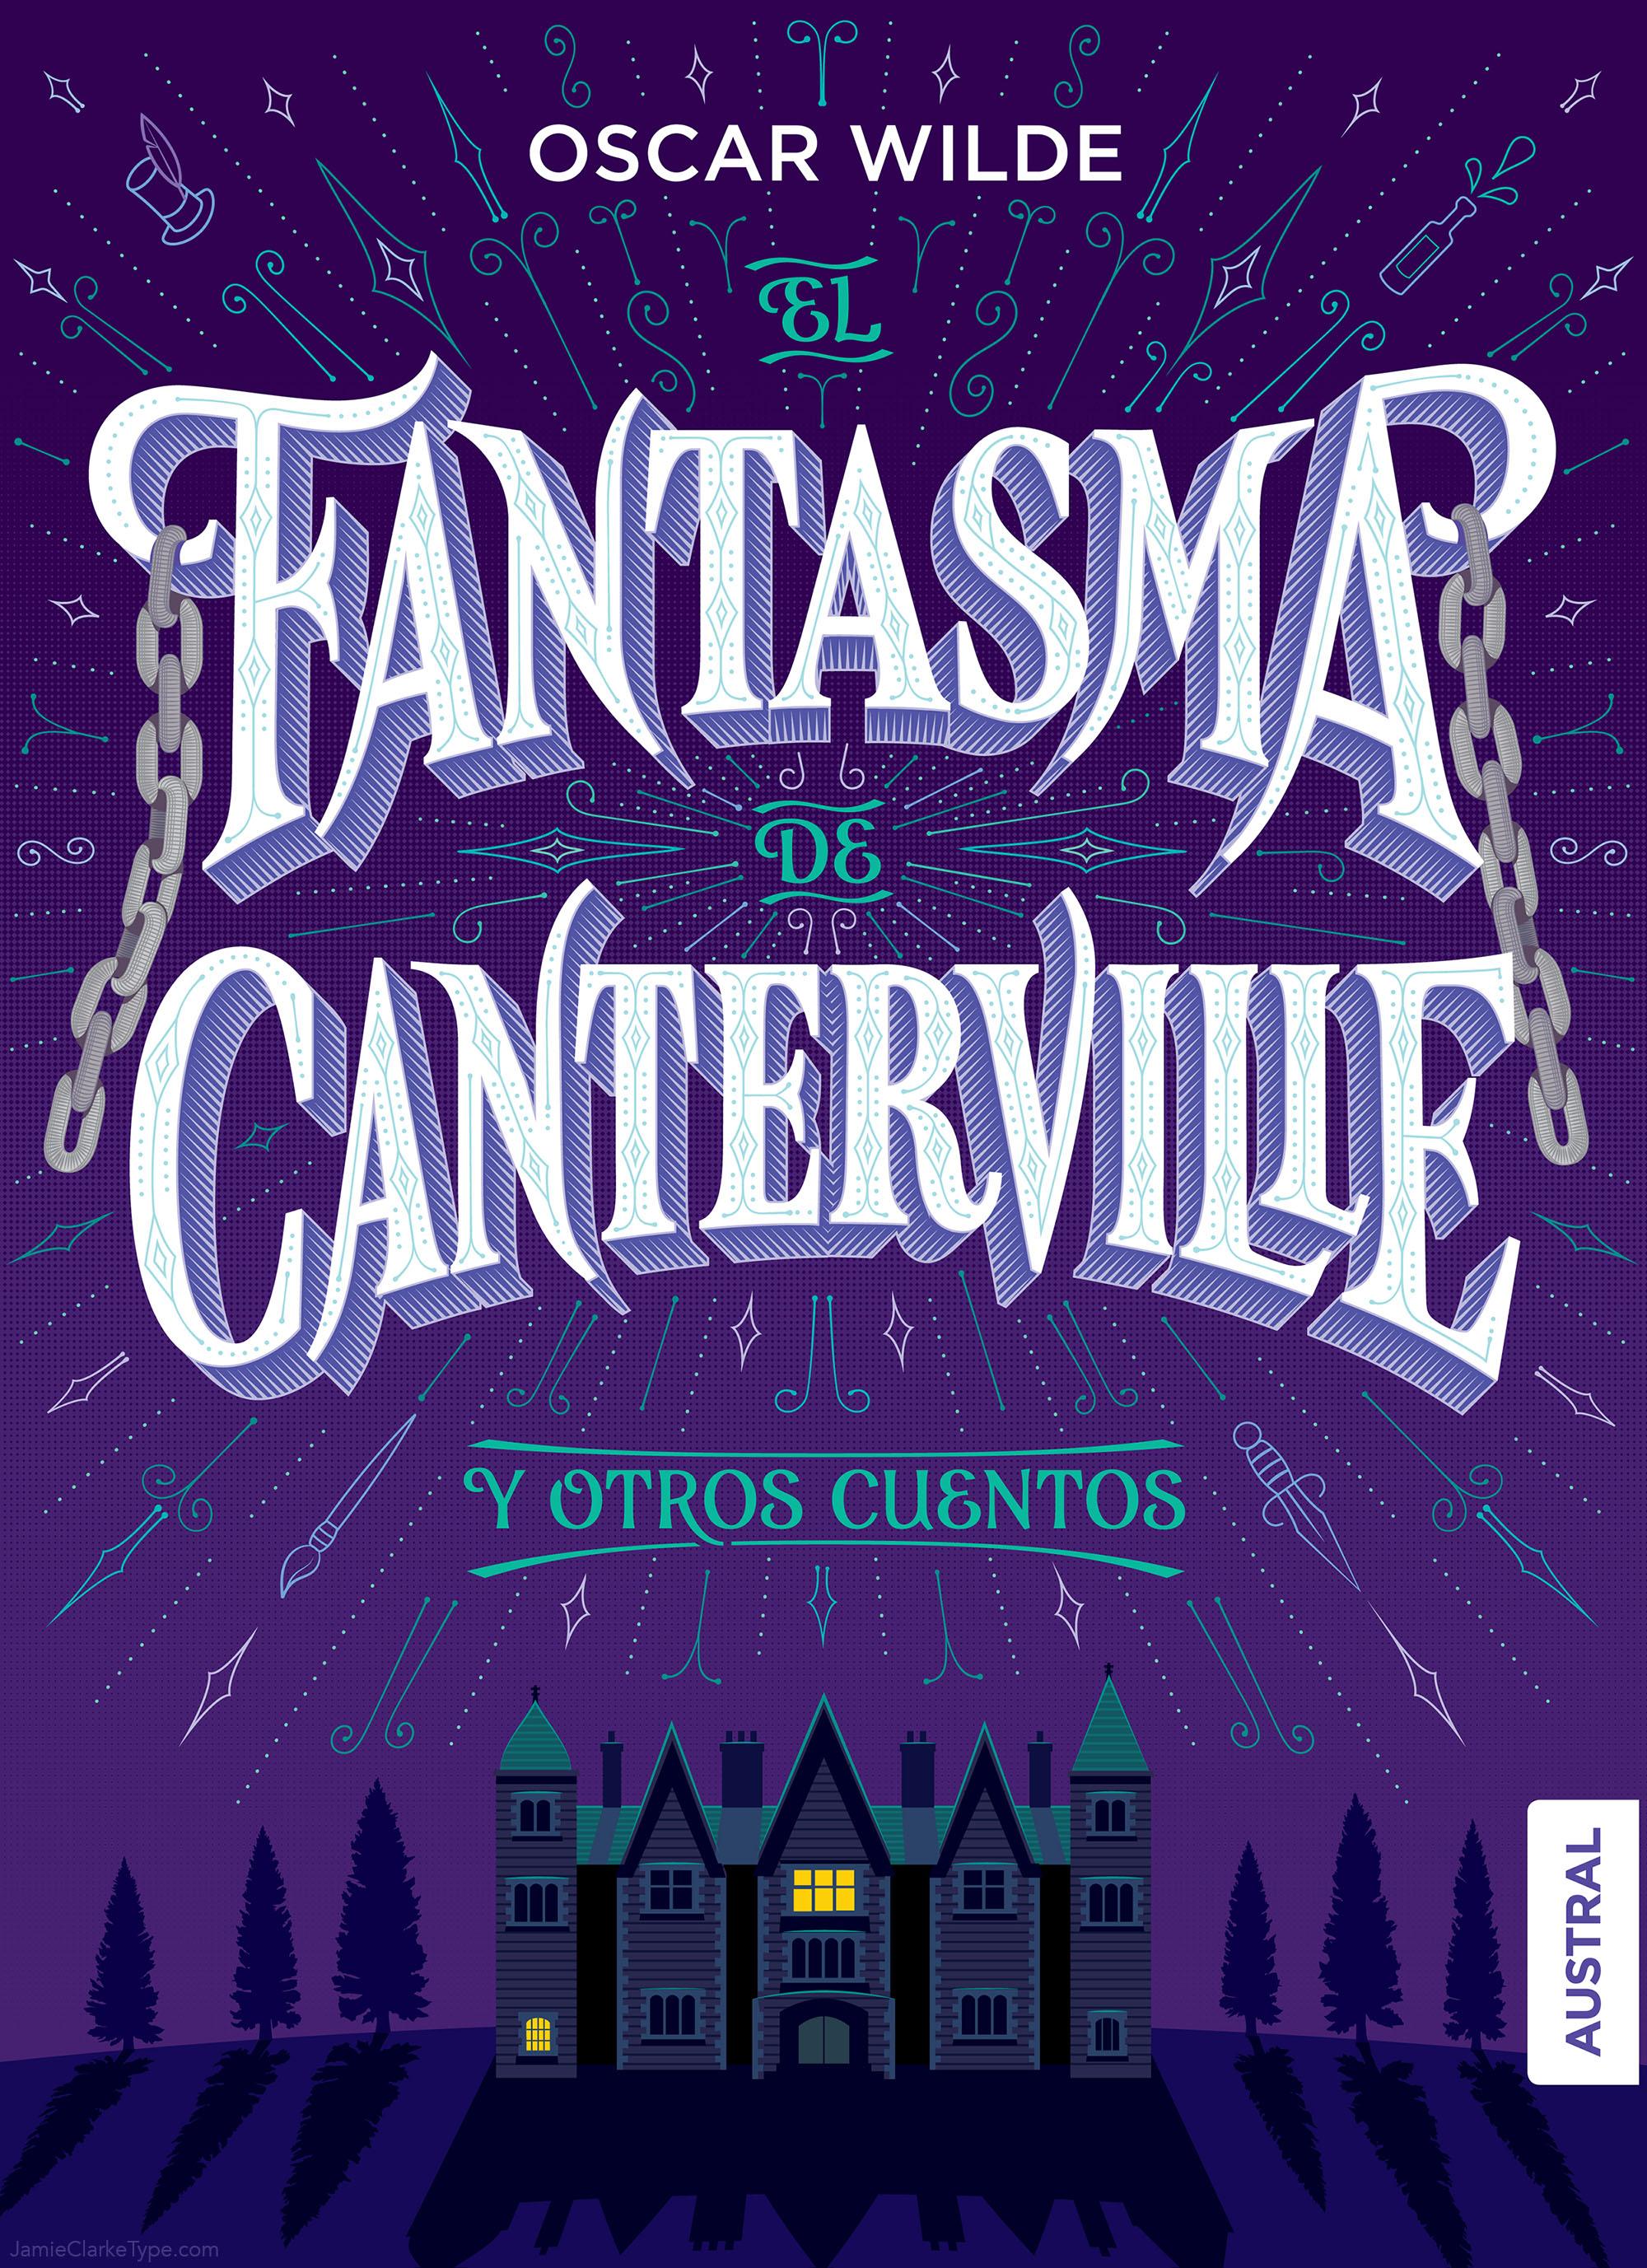 The Final Artwork for the cover, El fantasma de Canterville y otros cuentos.